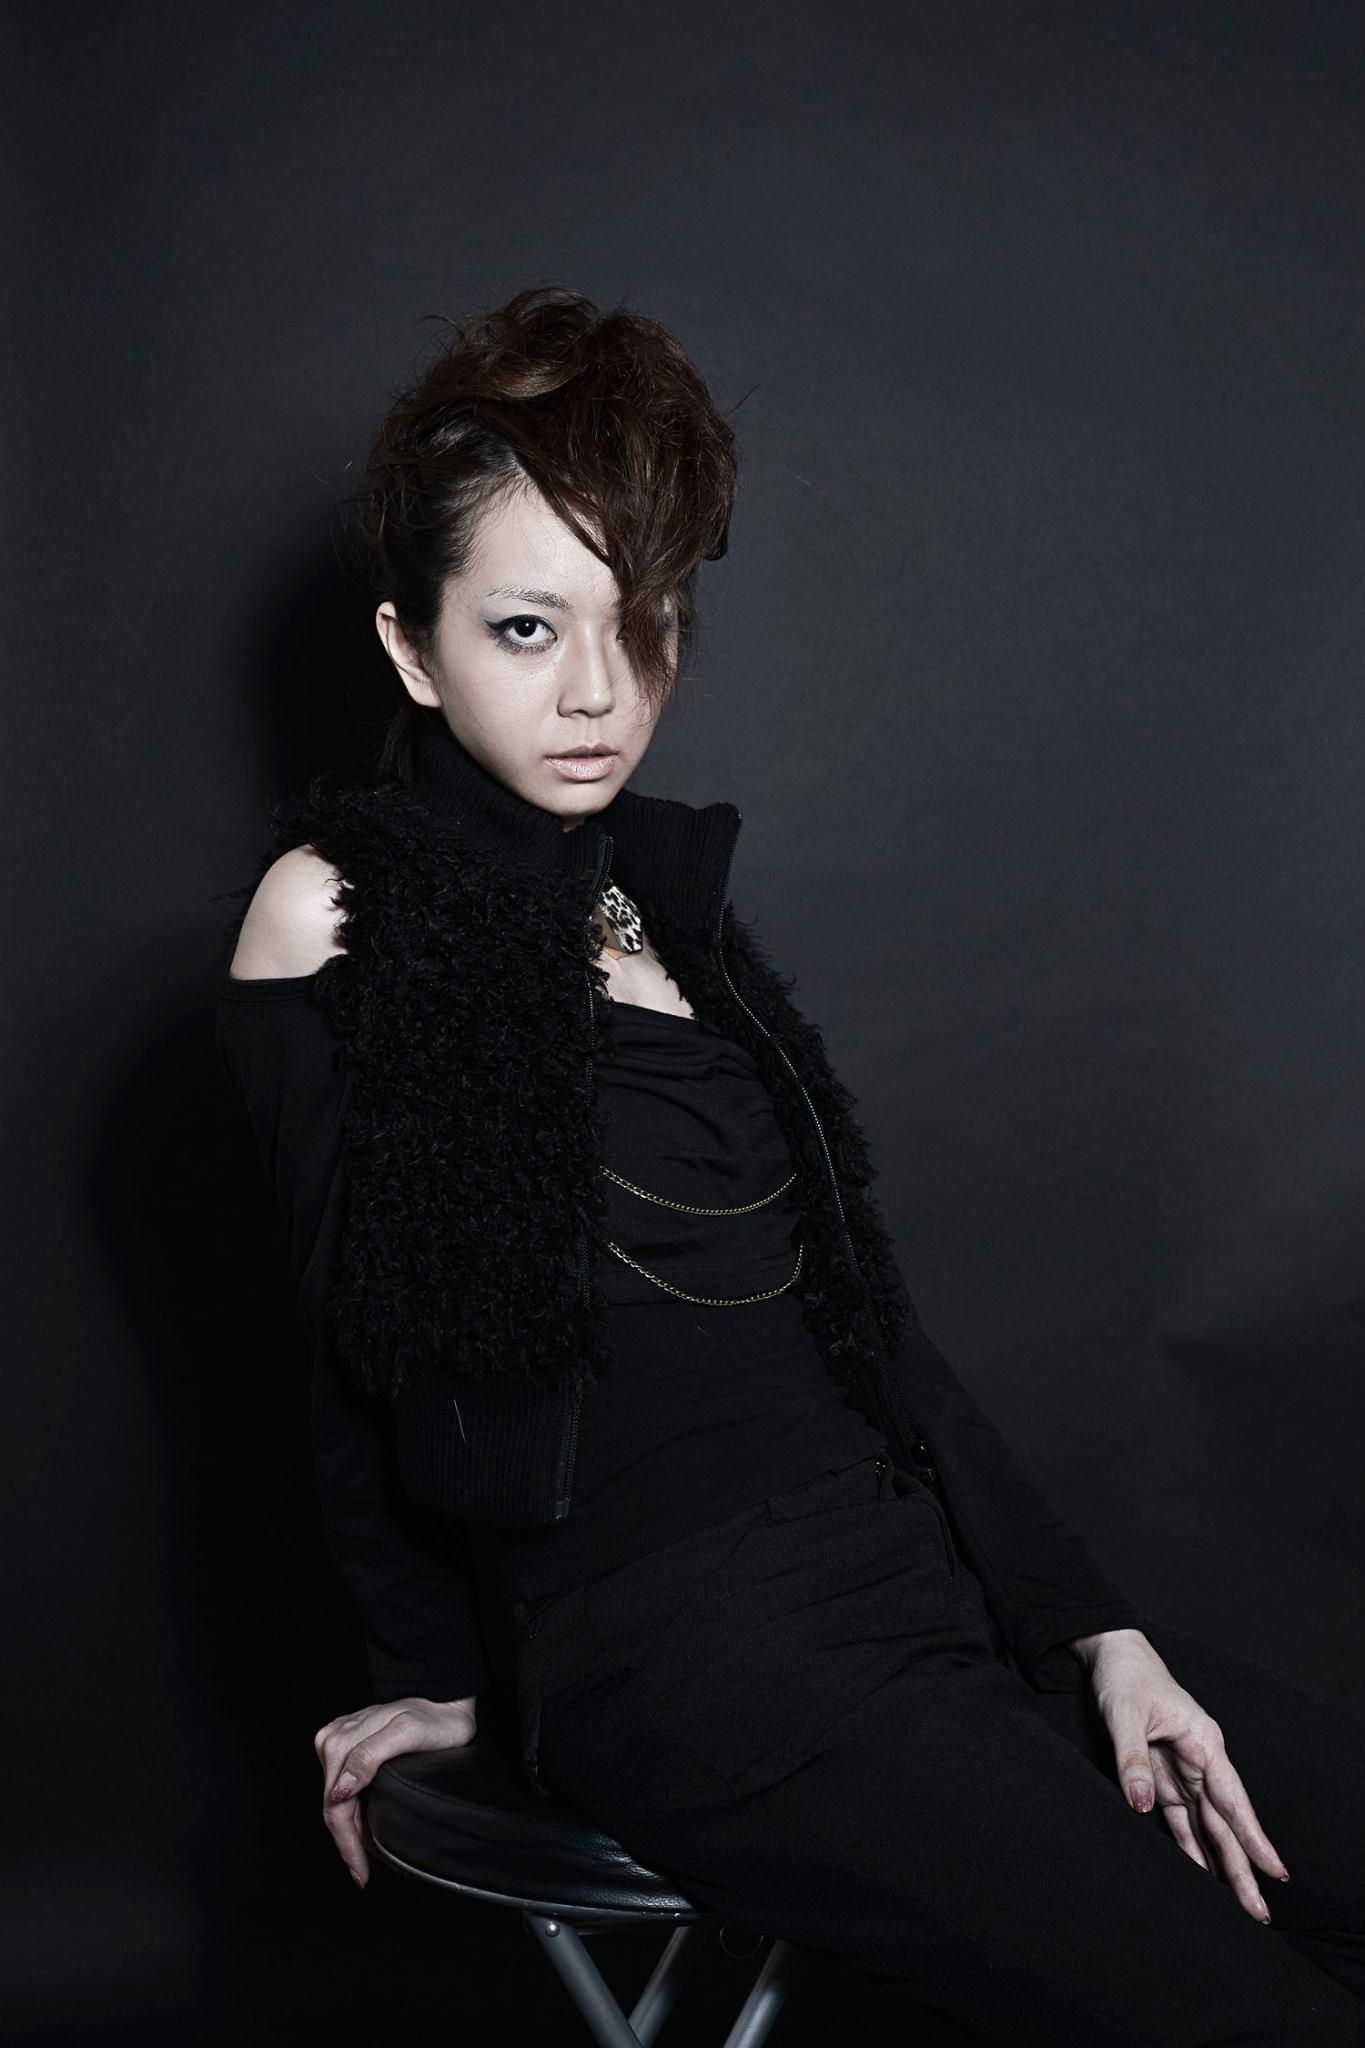 【衣類】NaNa's Mannish! by KooLVisioN 軽量ジップアップパーカー